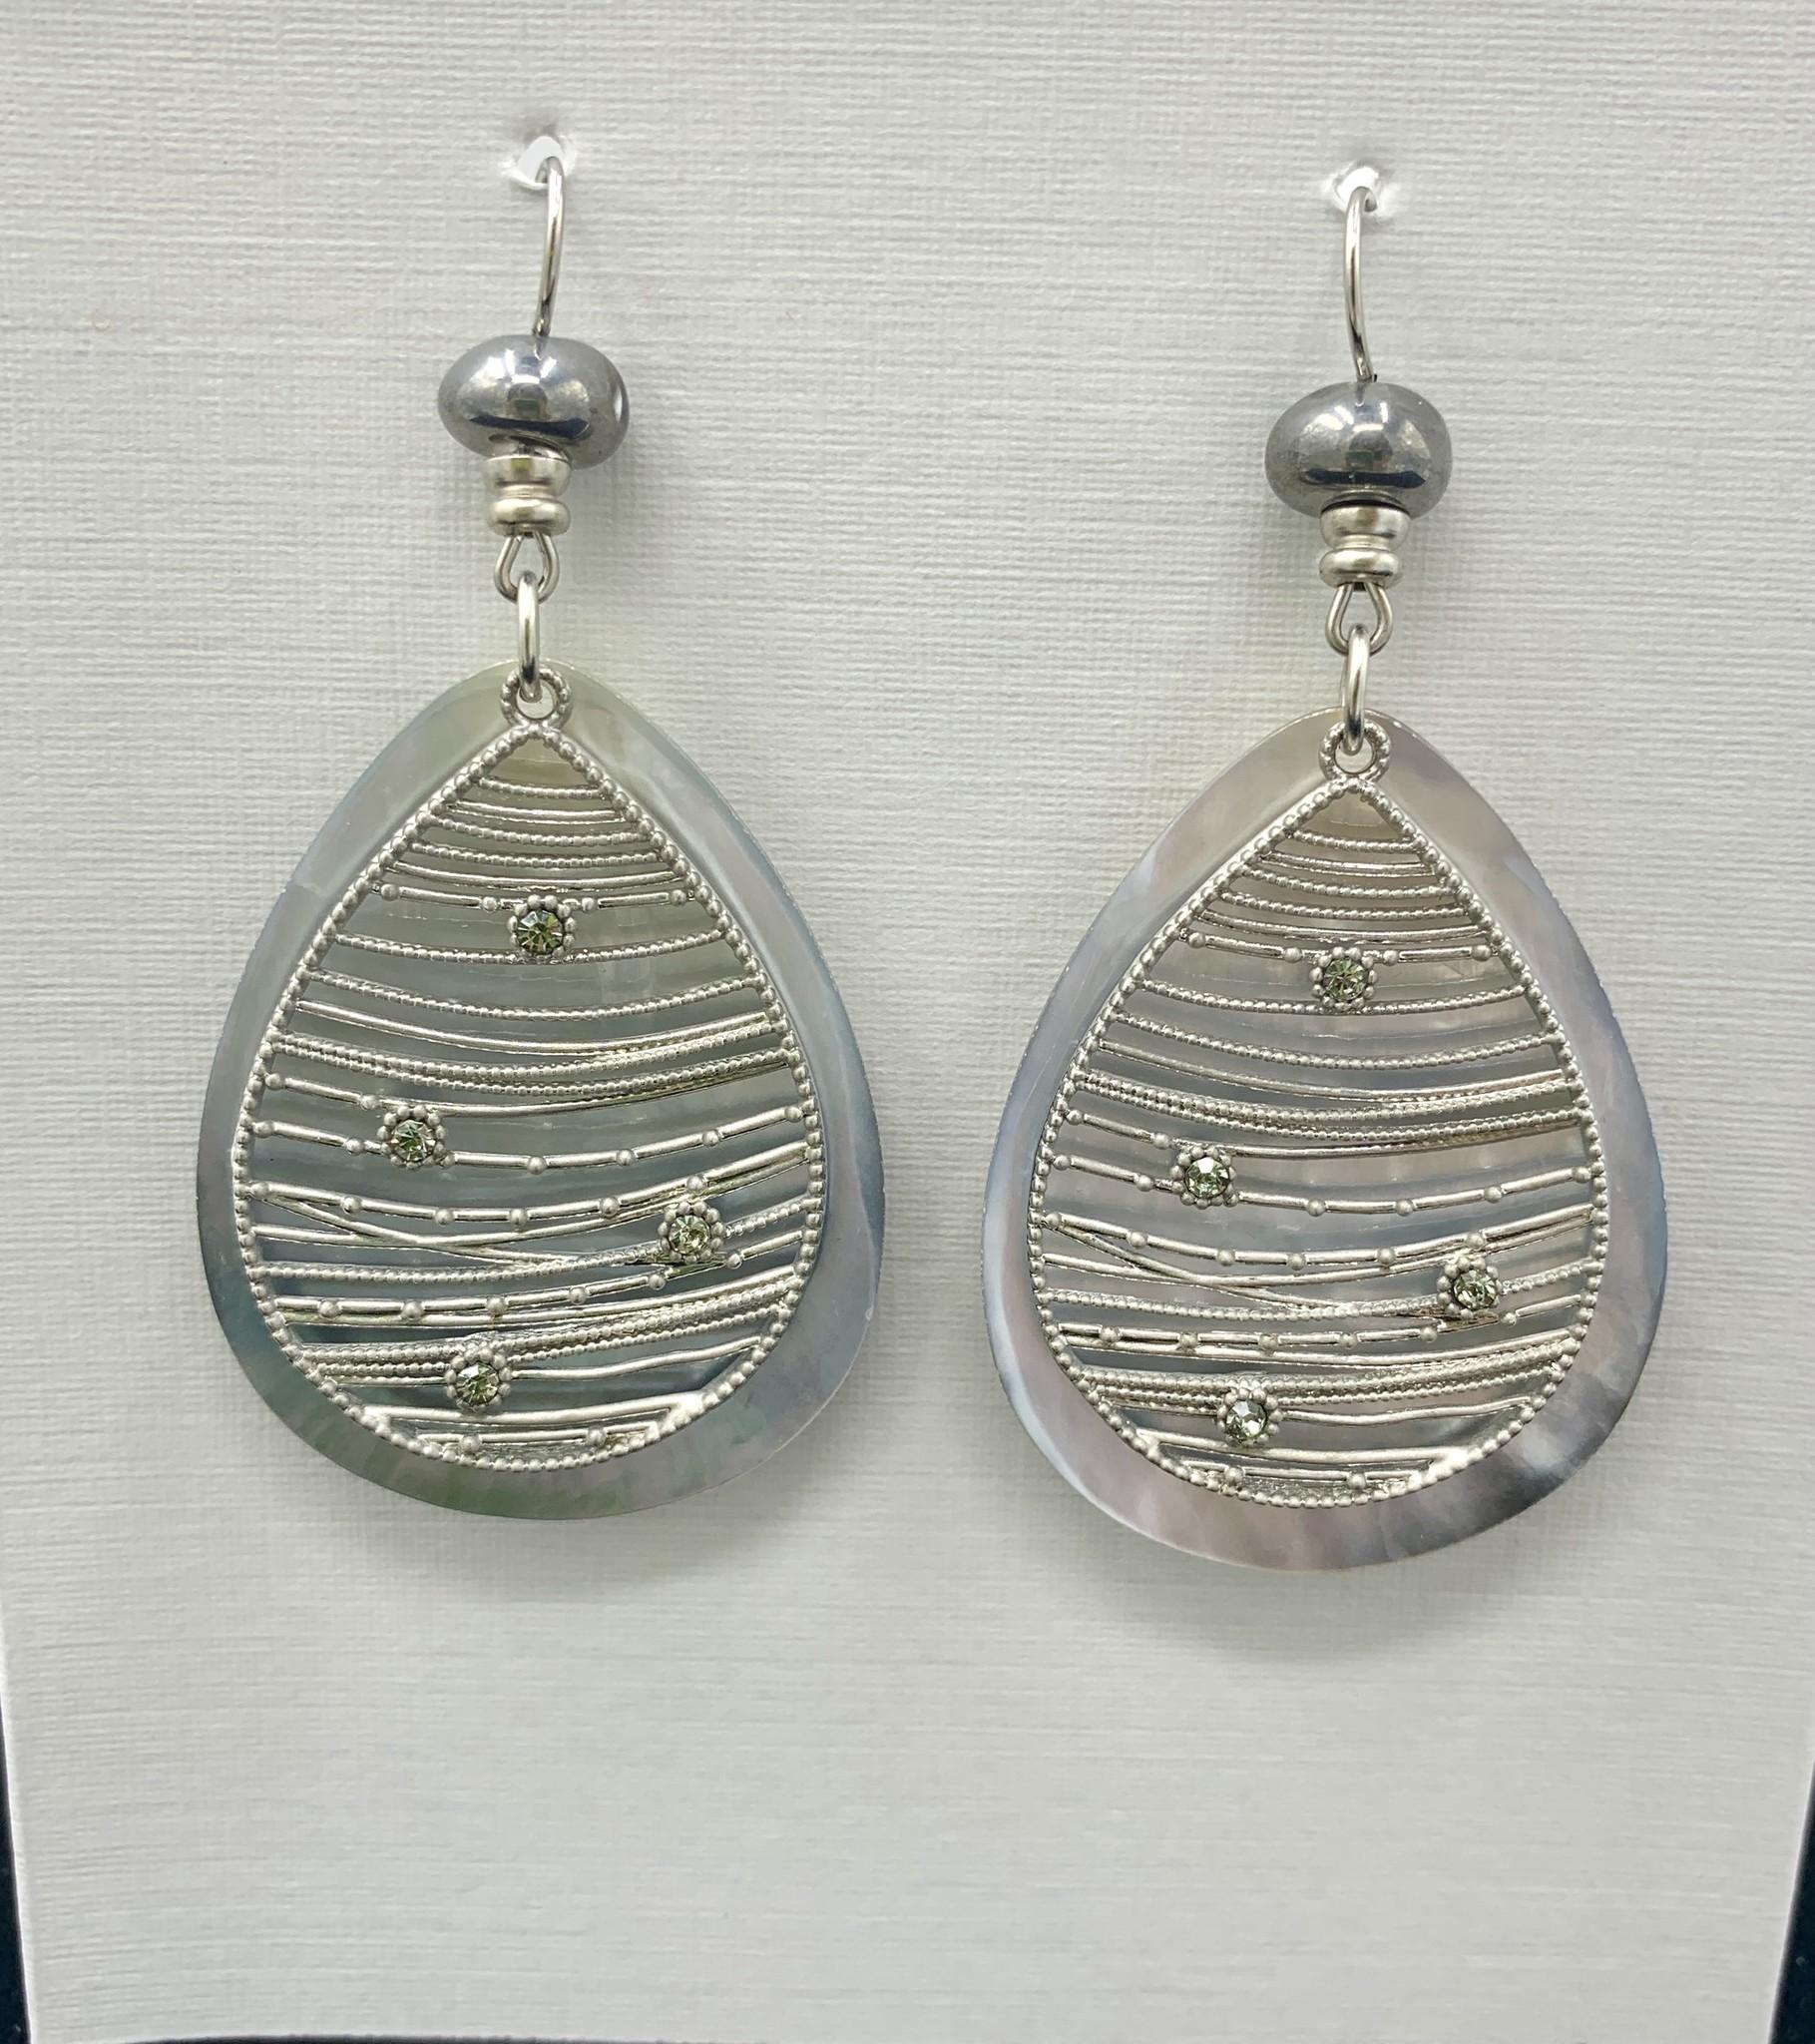 JMR Earrings - Silver